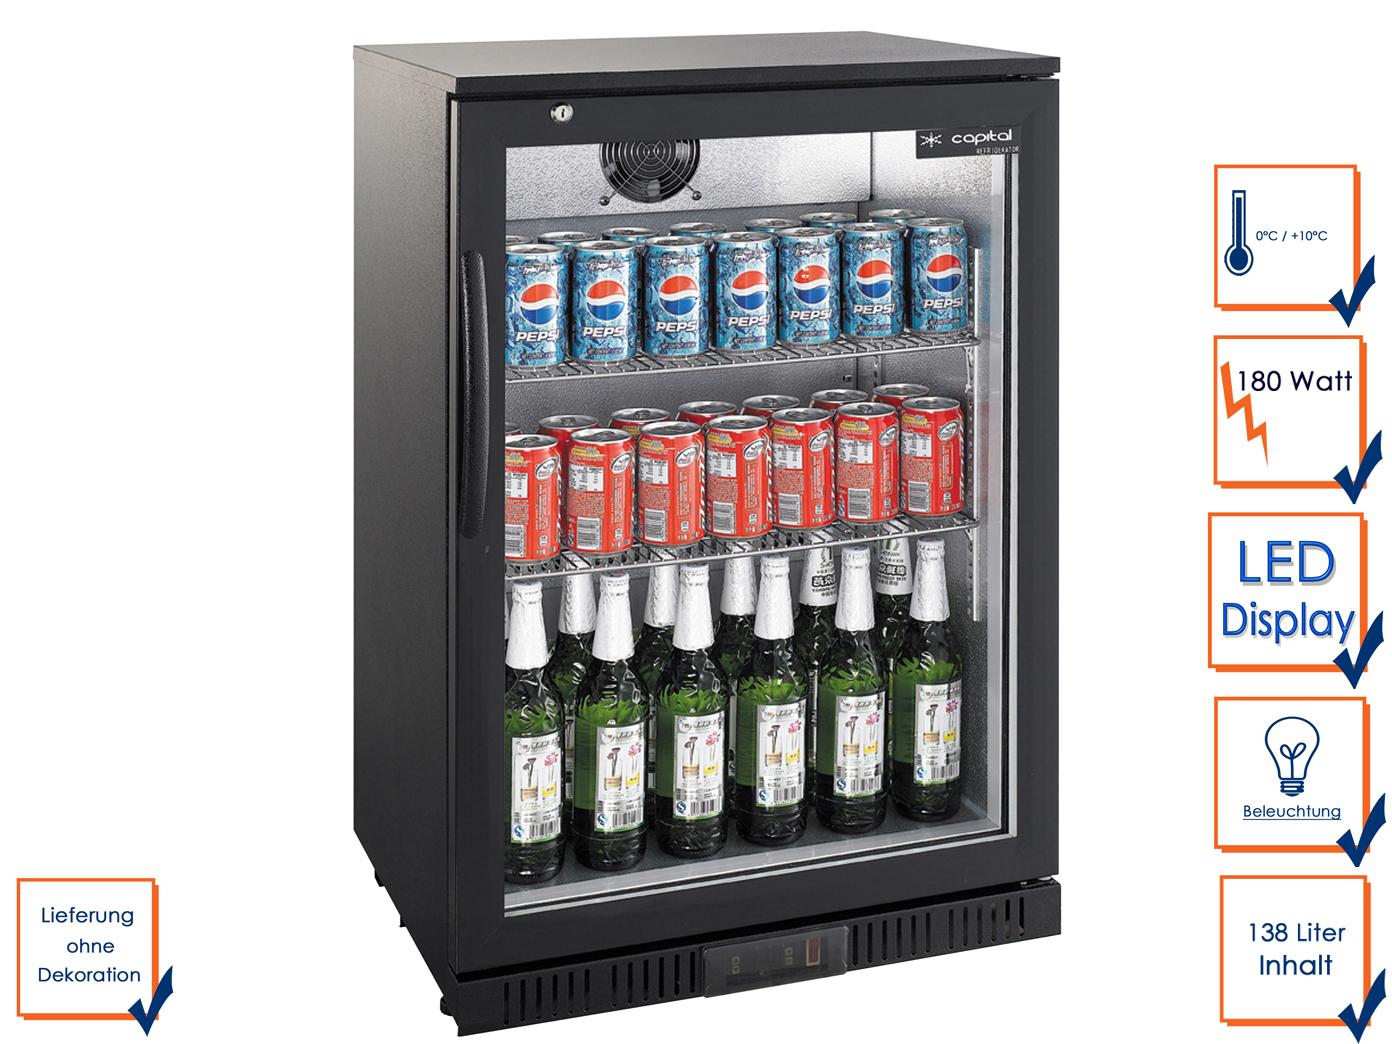 Kühlschrank Gastro : Gastro getränkekühlschrank l flaschenkühlschrank kühlschrank